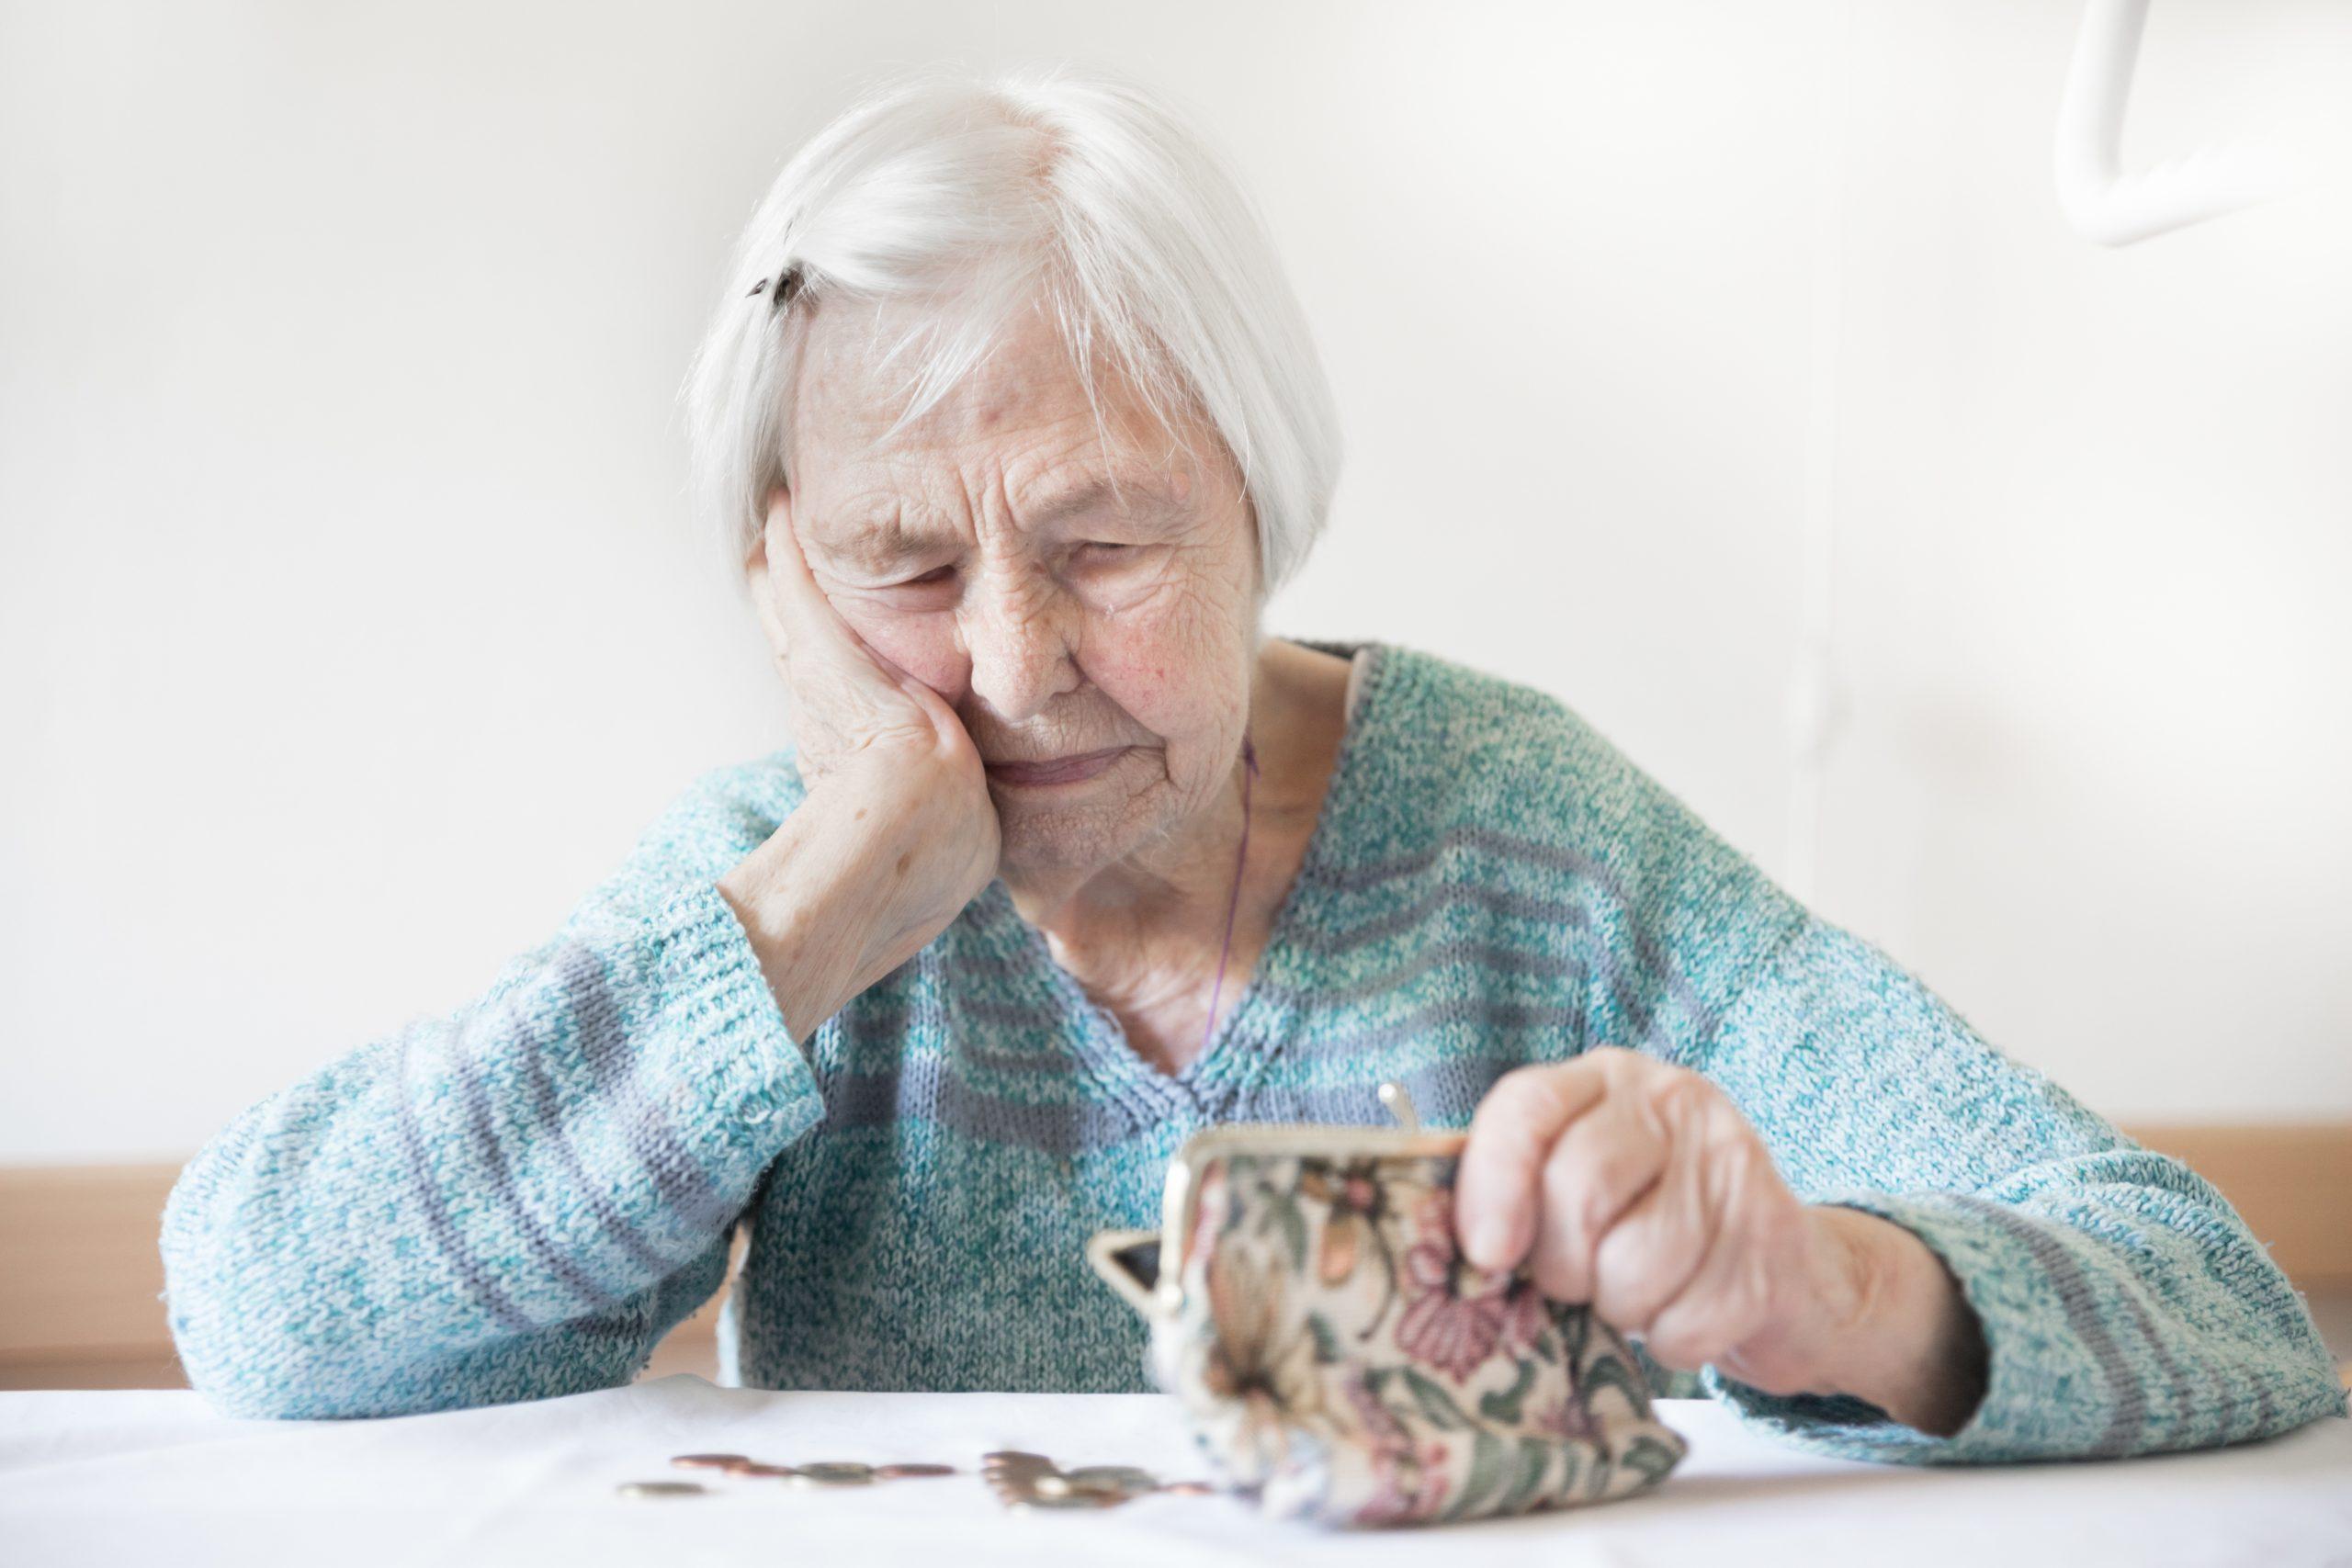 L'AREQ réagit à l'aide fédérale d'urgence aux aînés : cette aide doit être le début d'une action permanente pour les sortir de la pauvreté